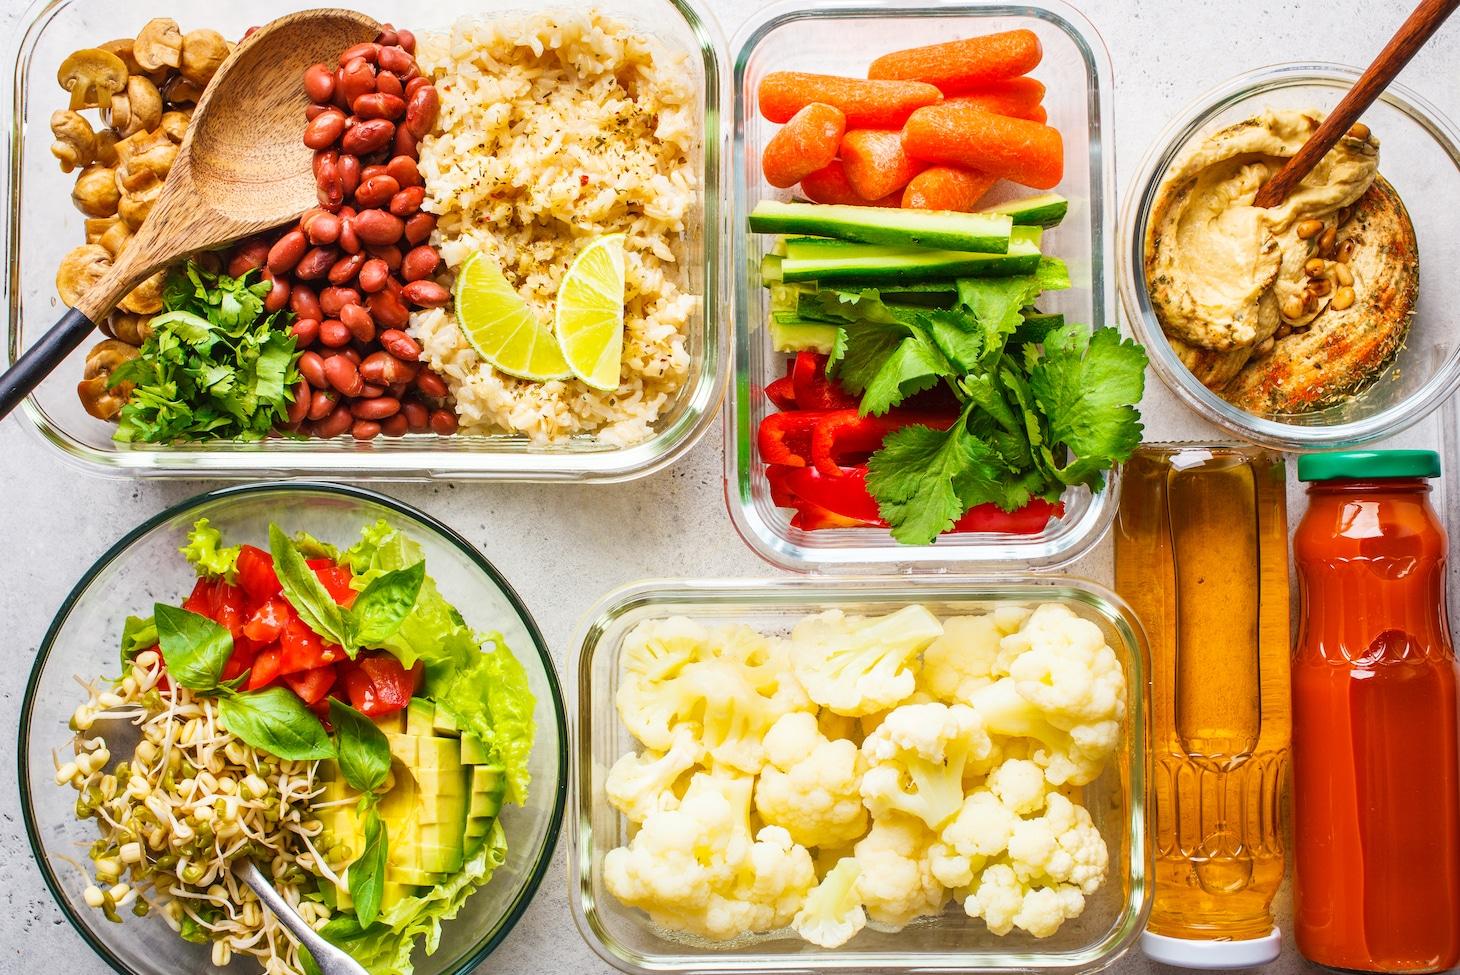 тарелки с диетической едой на белом столе